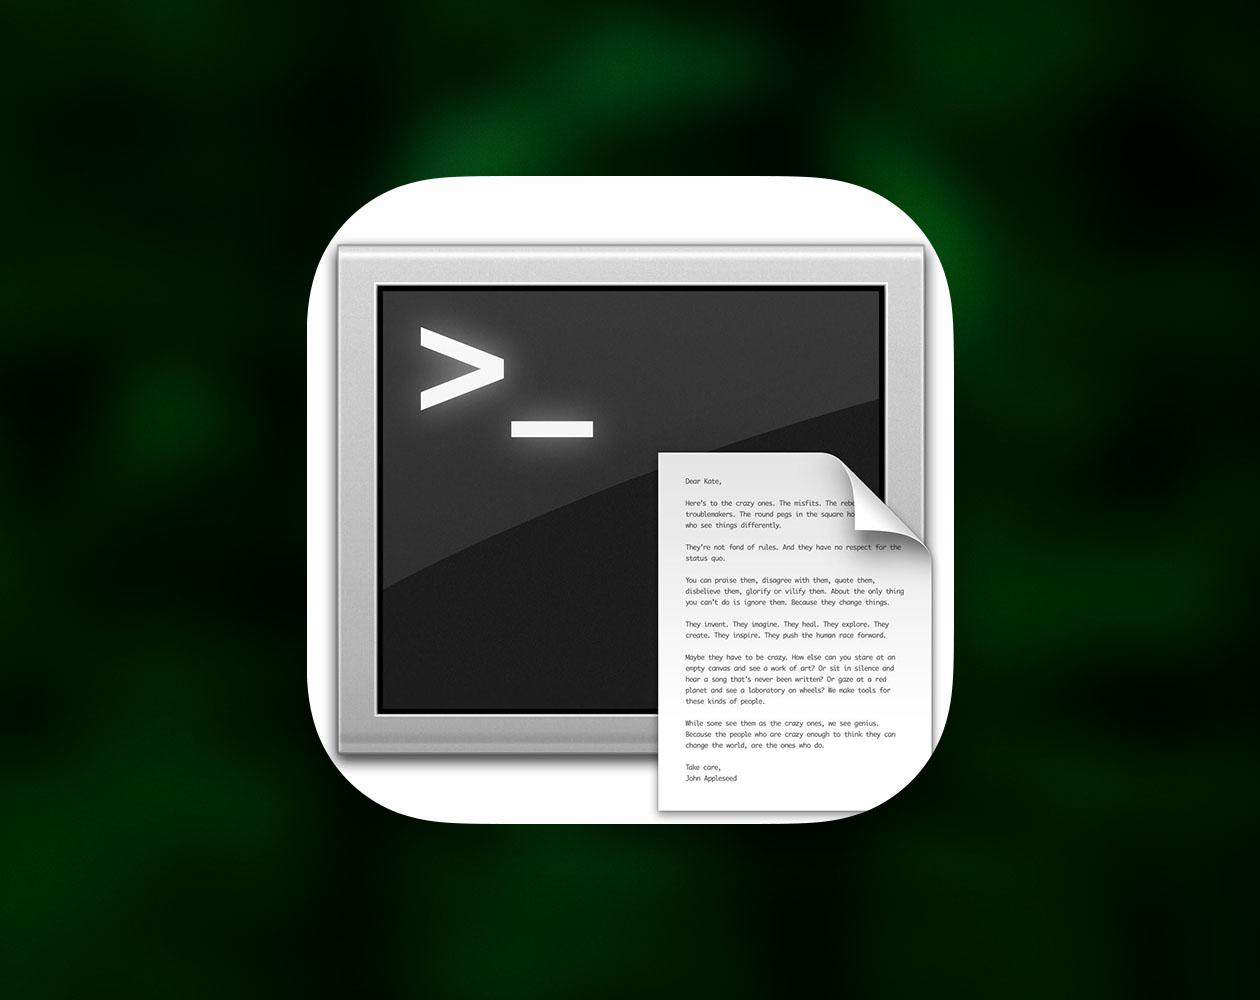 Как проверить (и восстановить) диск из командной строки OS X